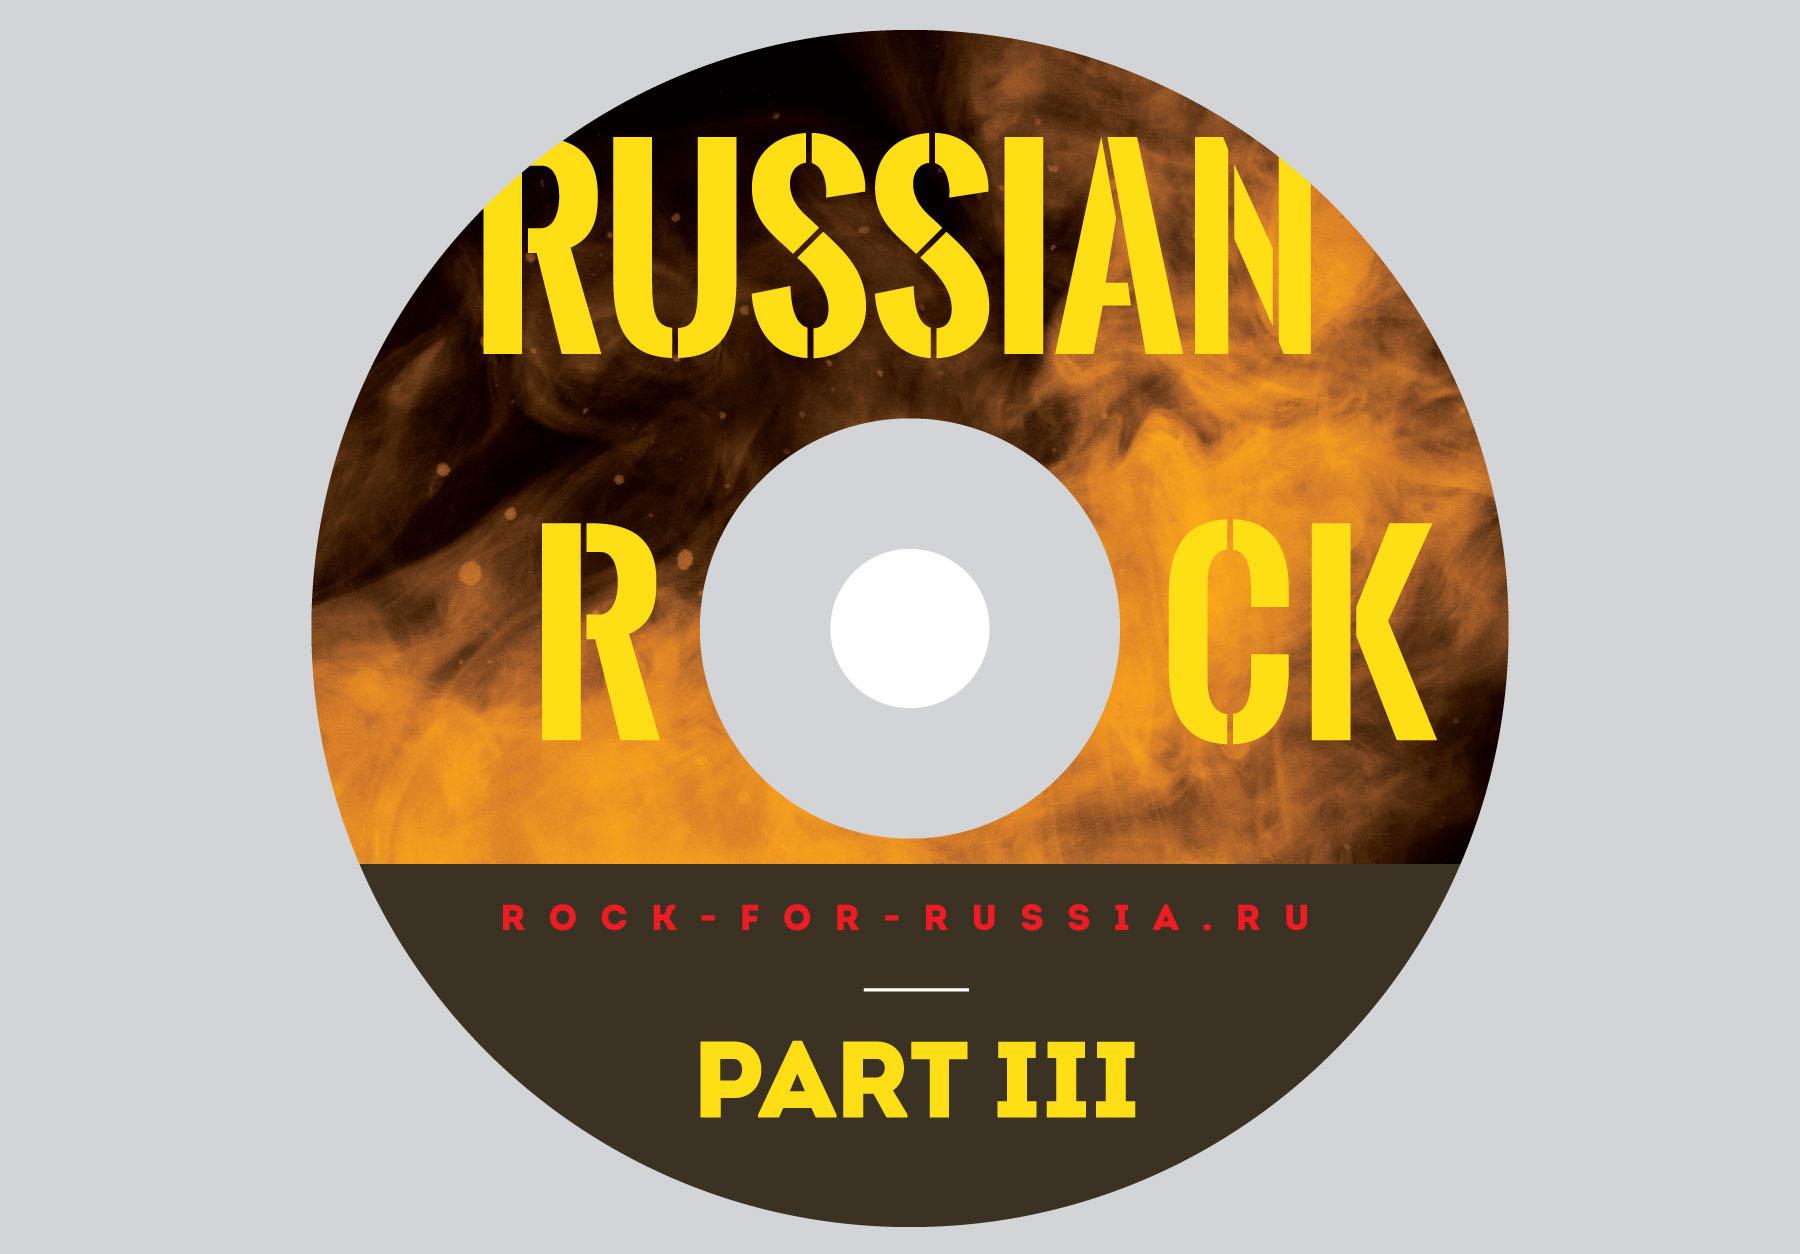 сборник РАШЕН РОК (Russian Rock) часть 3 выйдет в журнале КЛУБ ДЕЛОВЫЕ ЛЮДИ